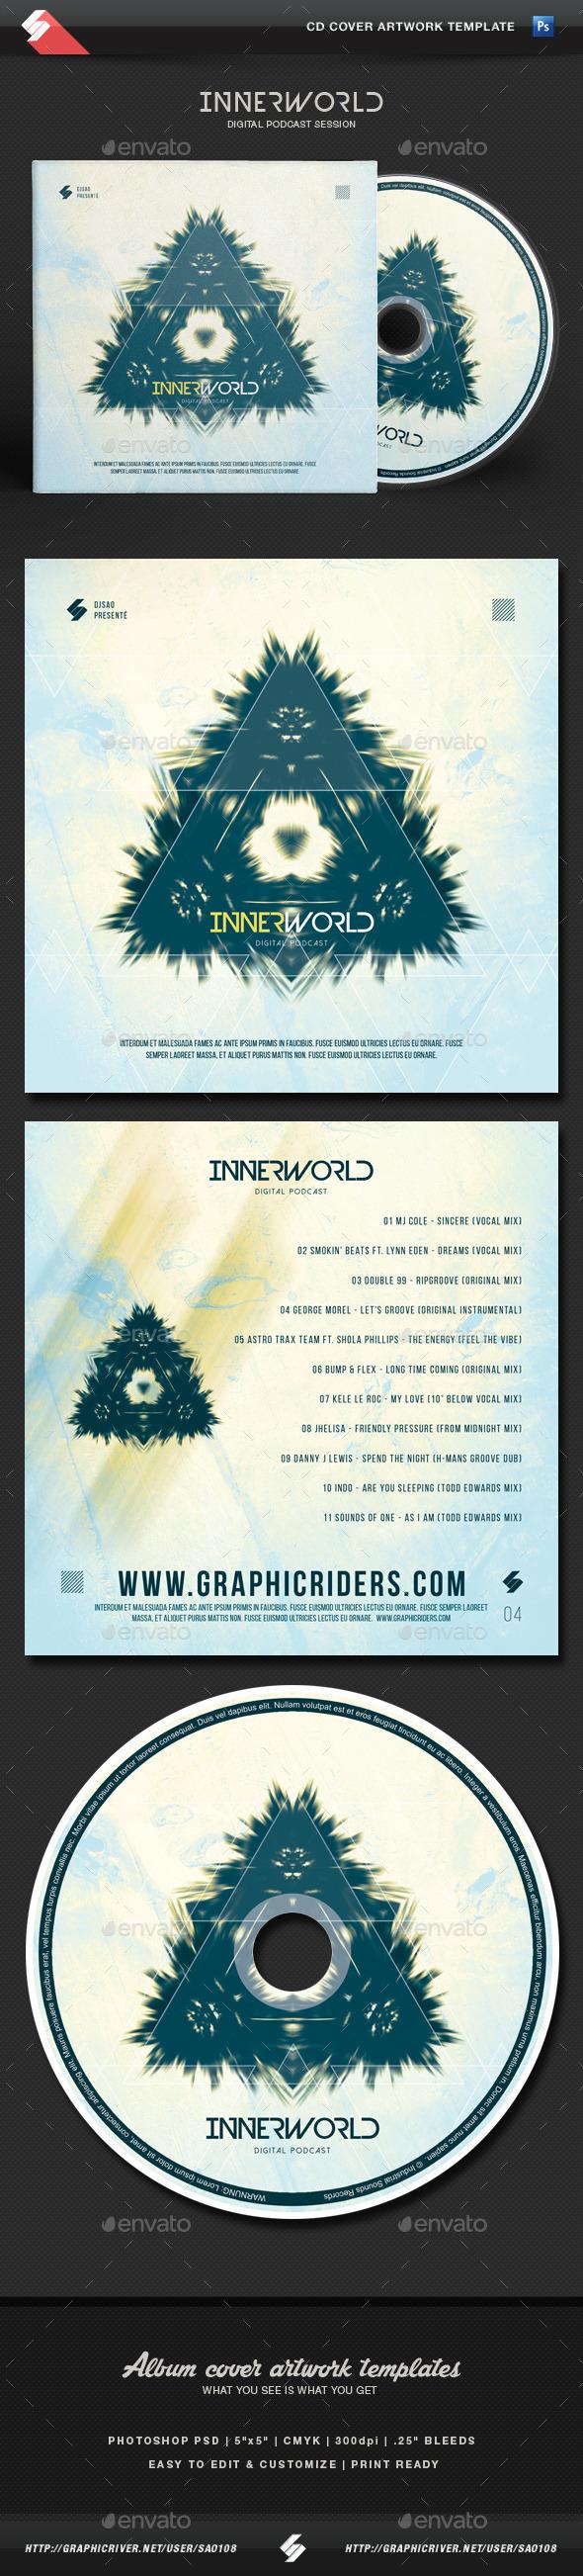 Inner World - CD Cover Artwork Template - CD & DVD Artwork Print Templates